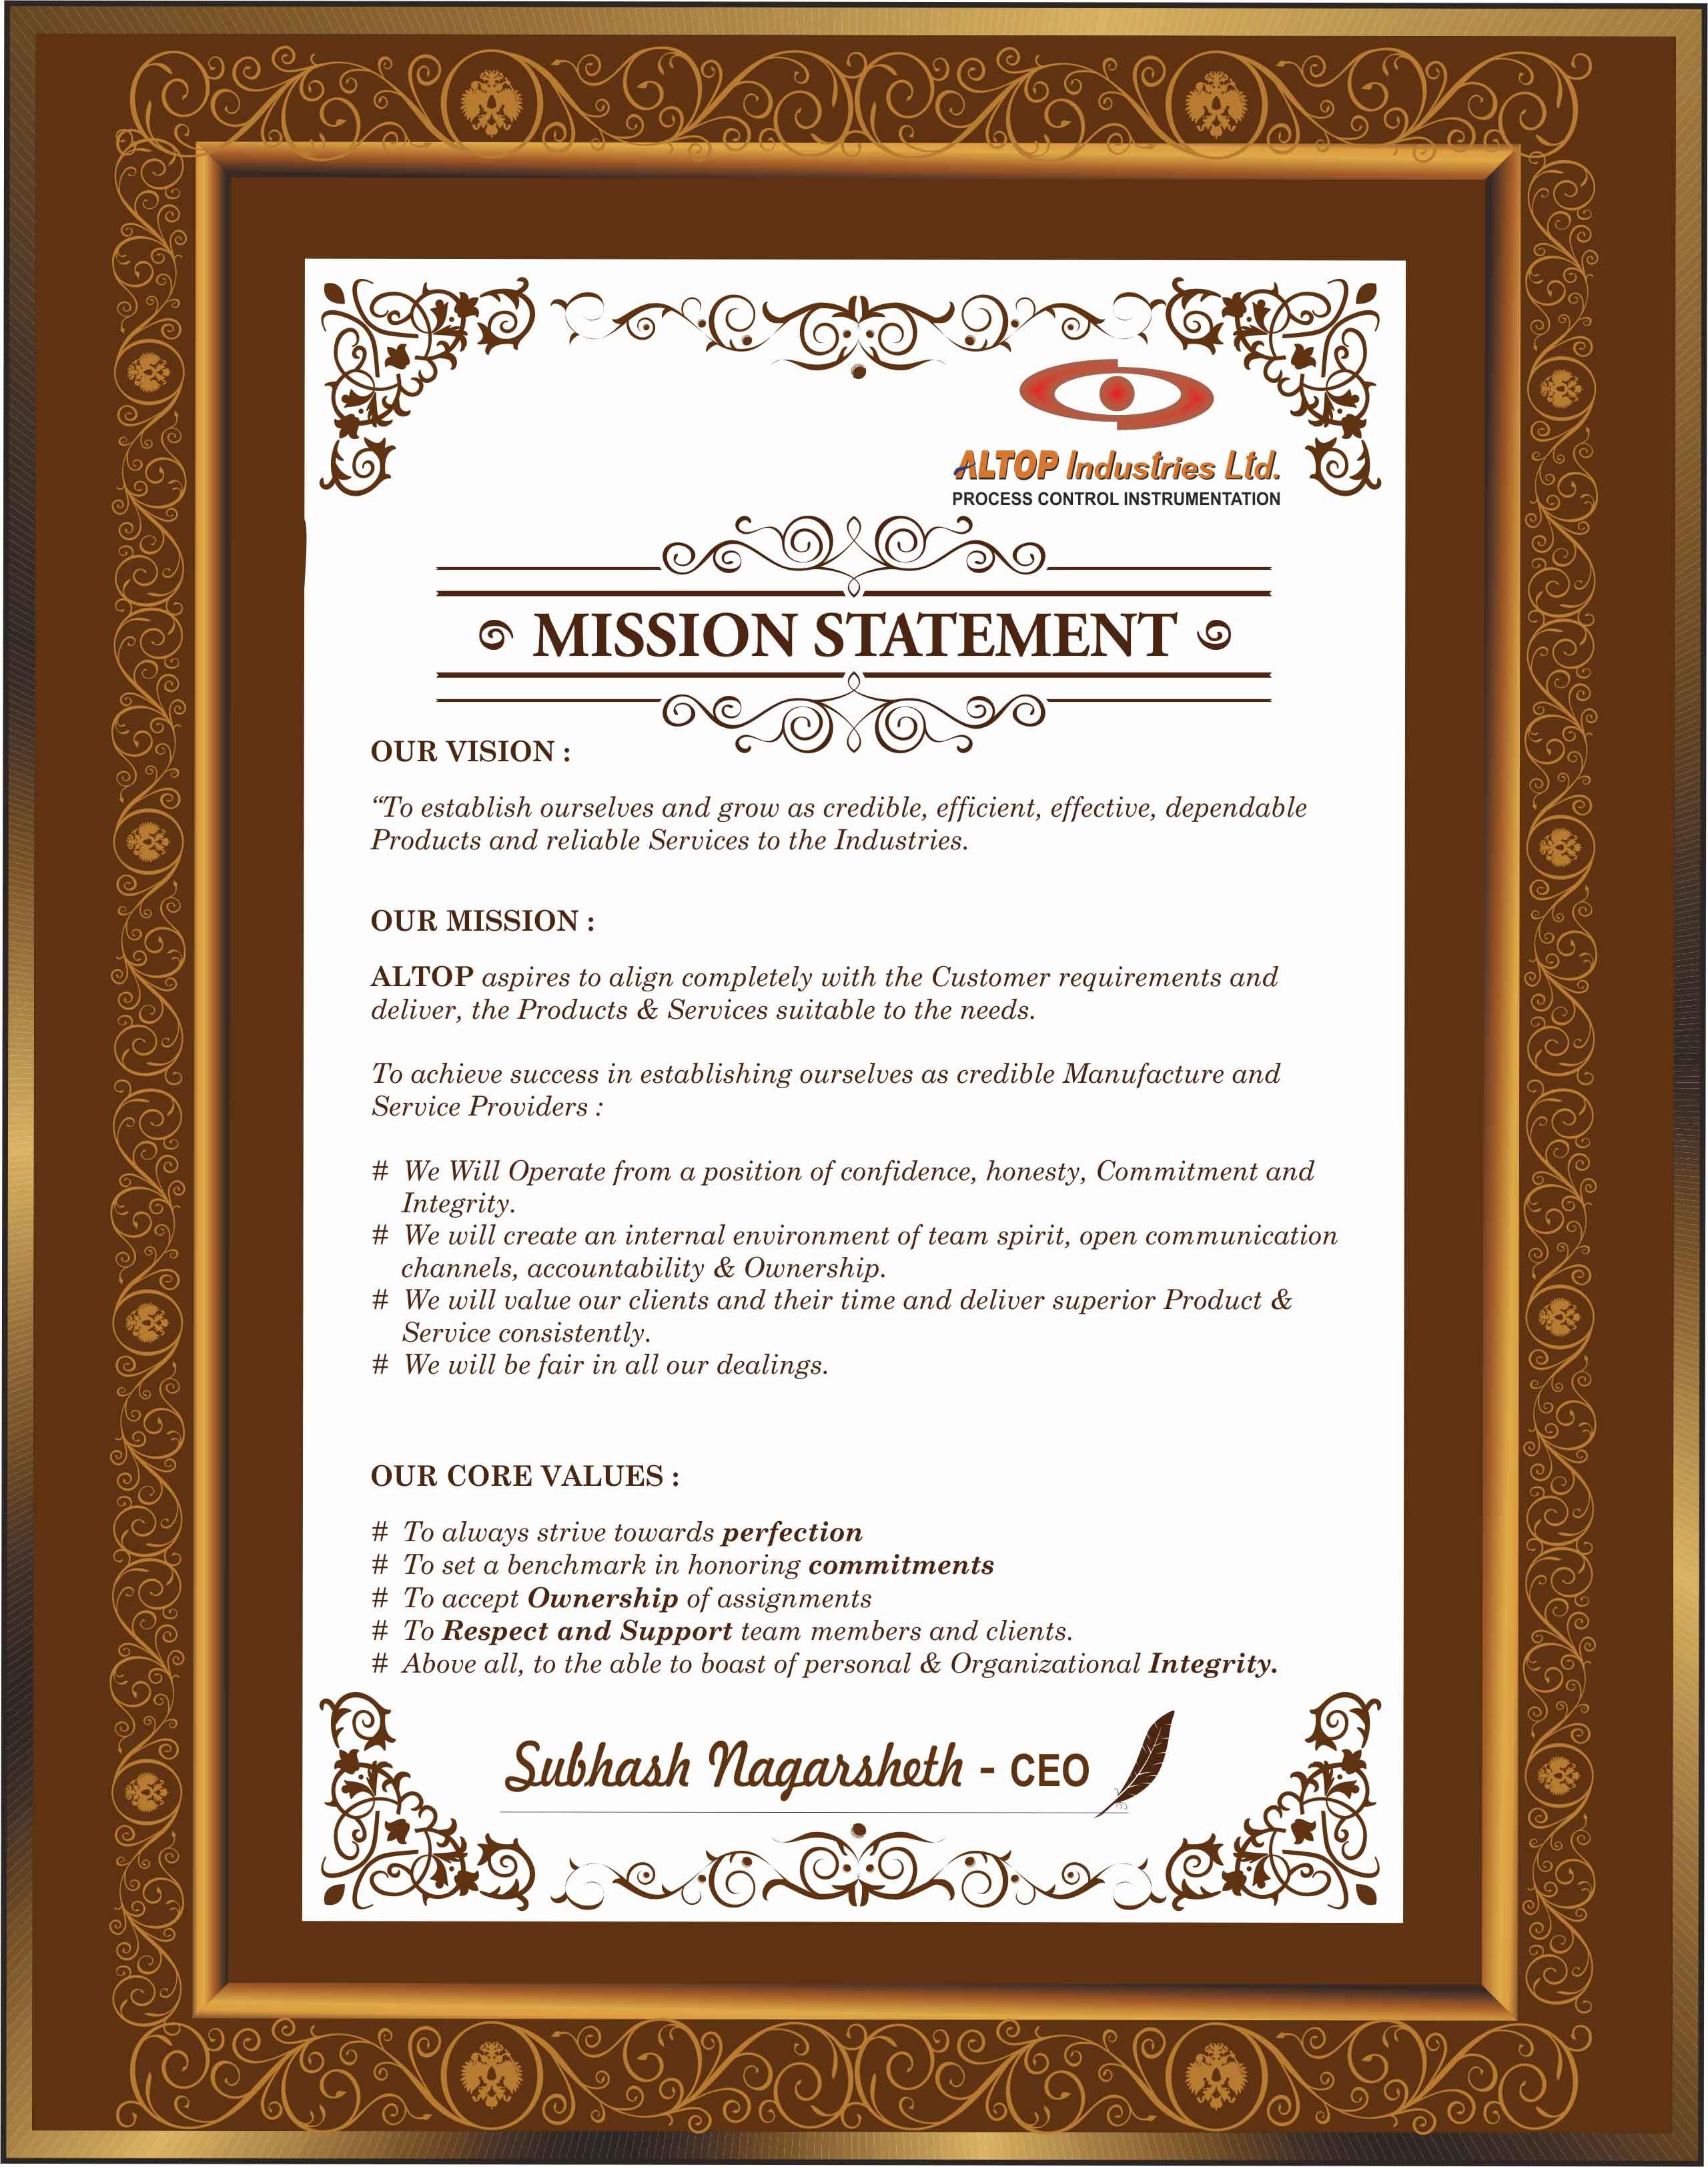 altop industries mission